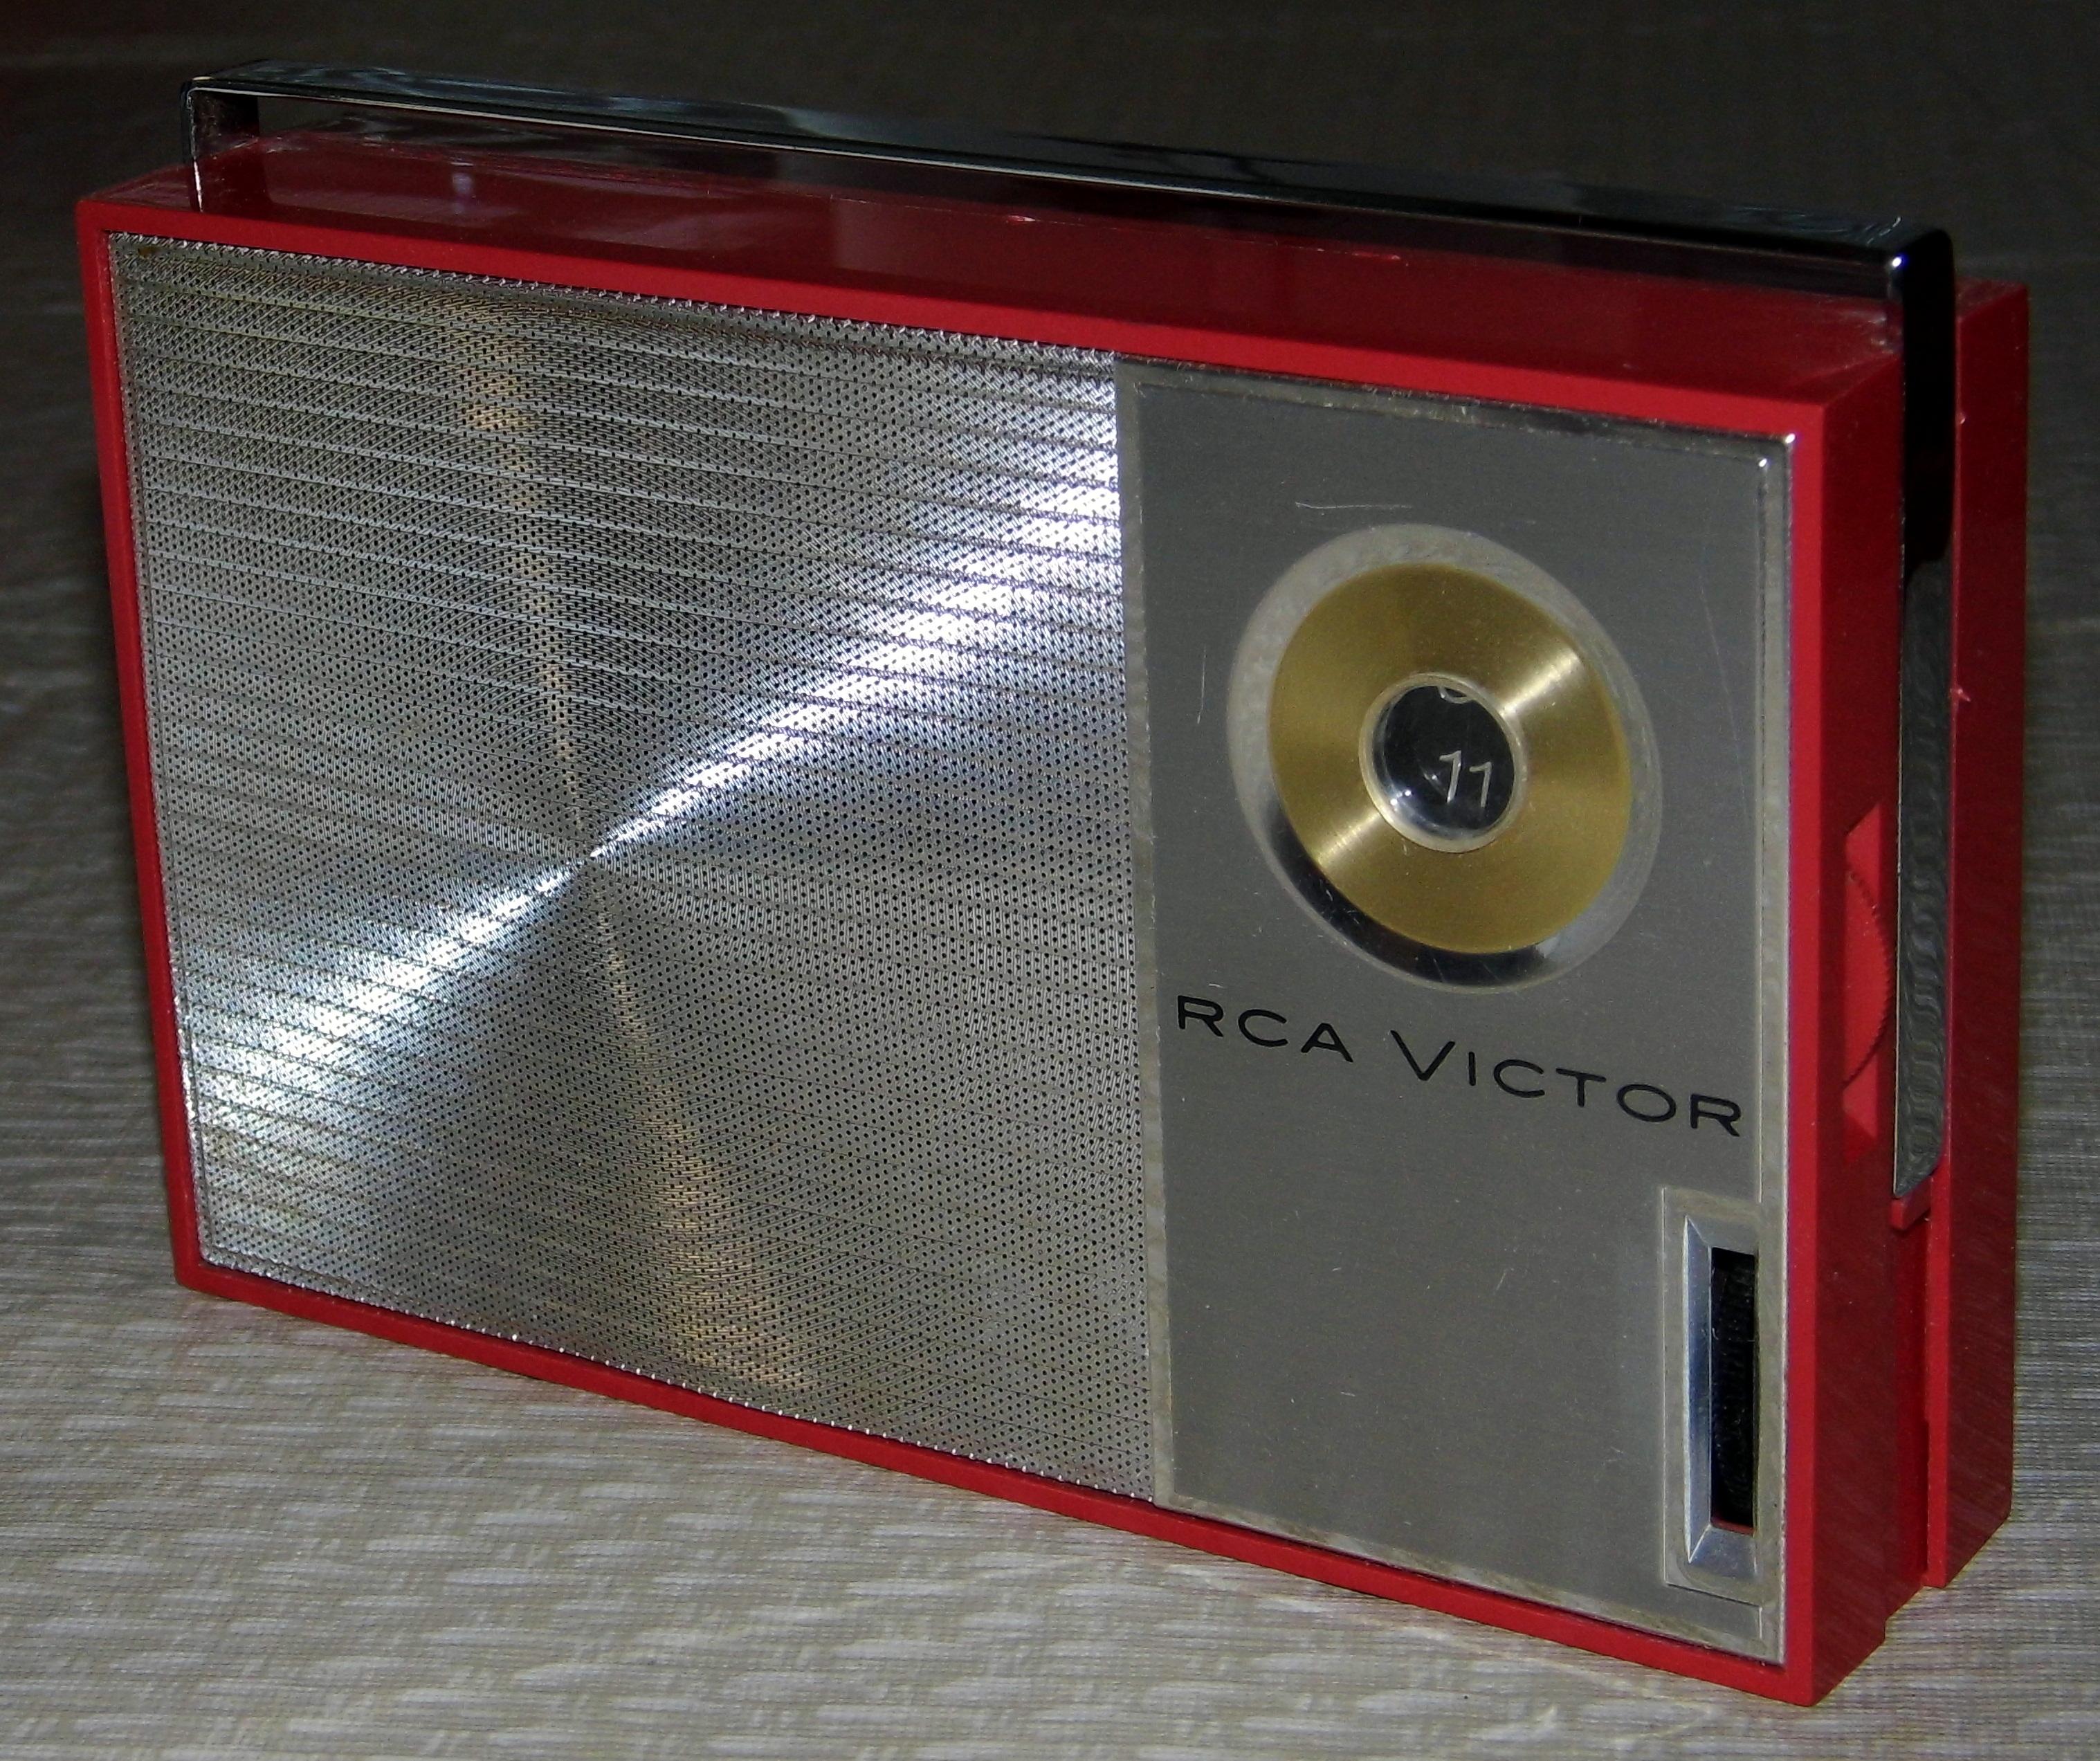 file vintage rca victor transistor radio model 4rg23. Black Bedroom Furniture Sets. Home Design Ideas